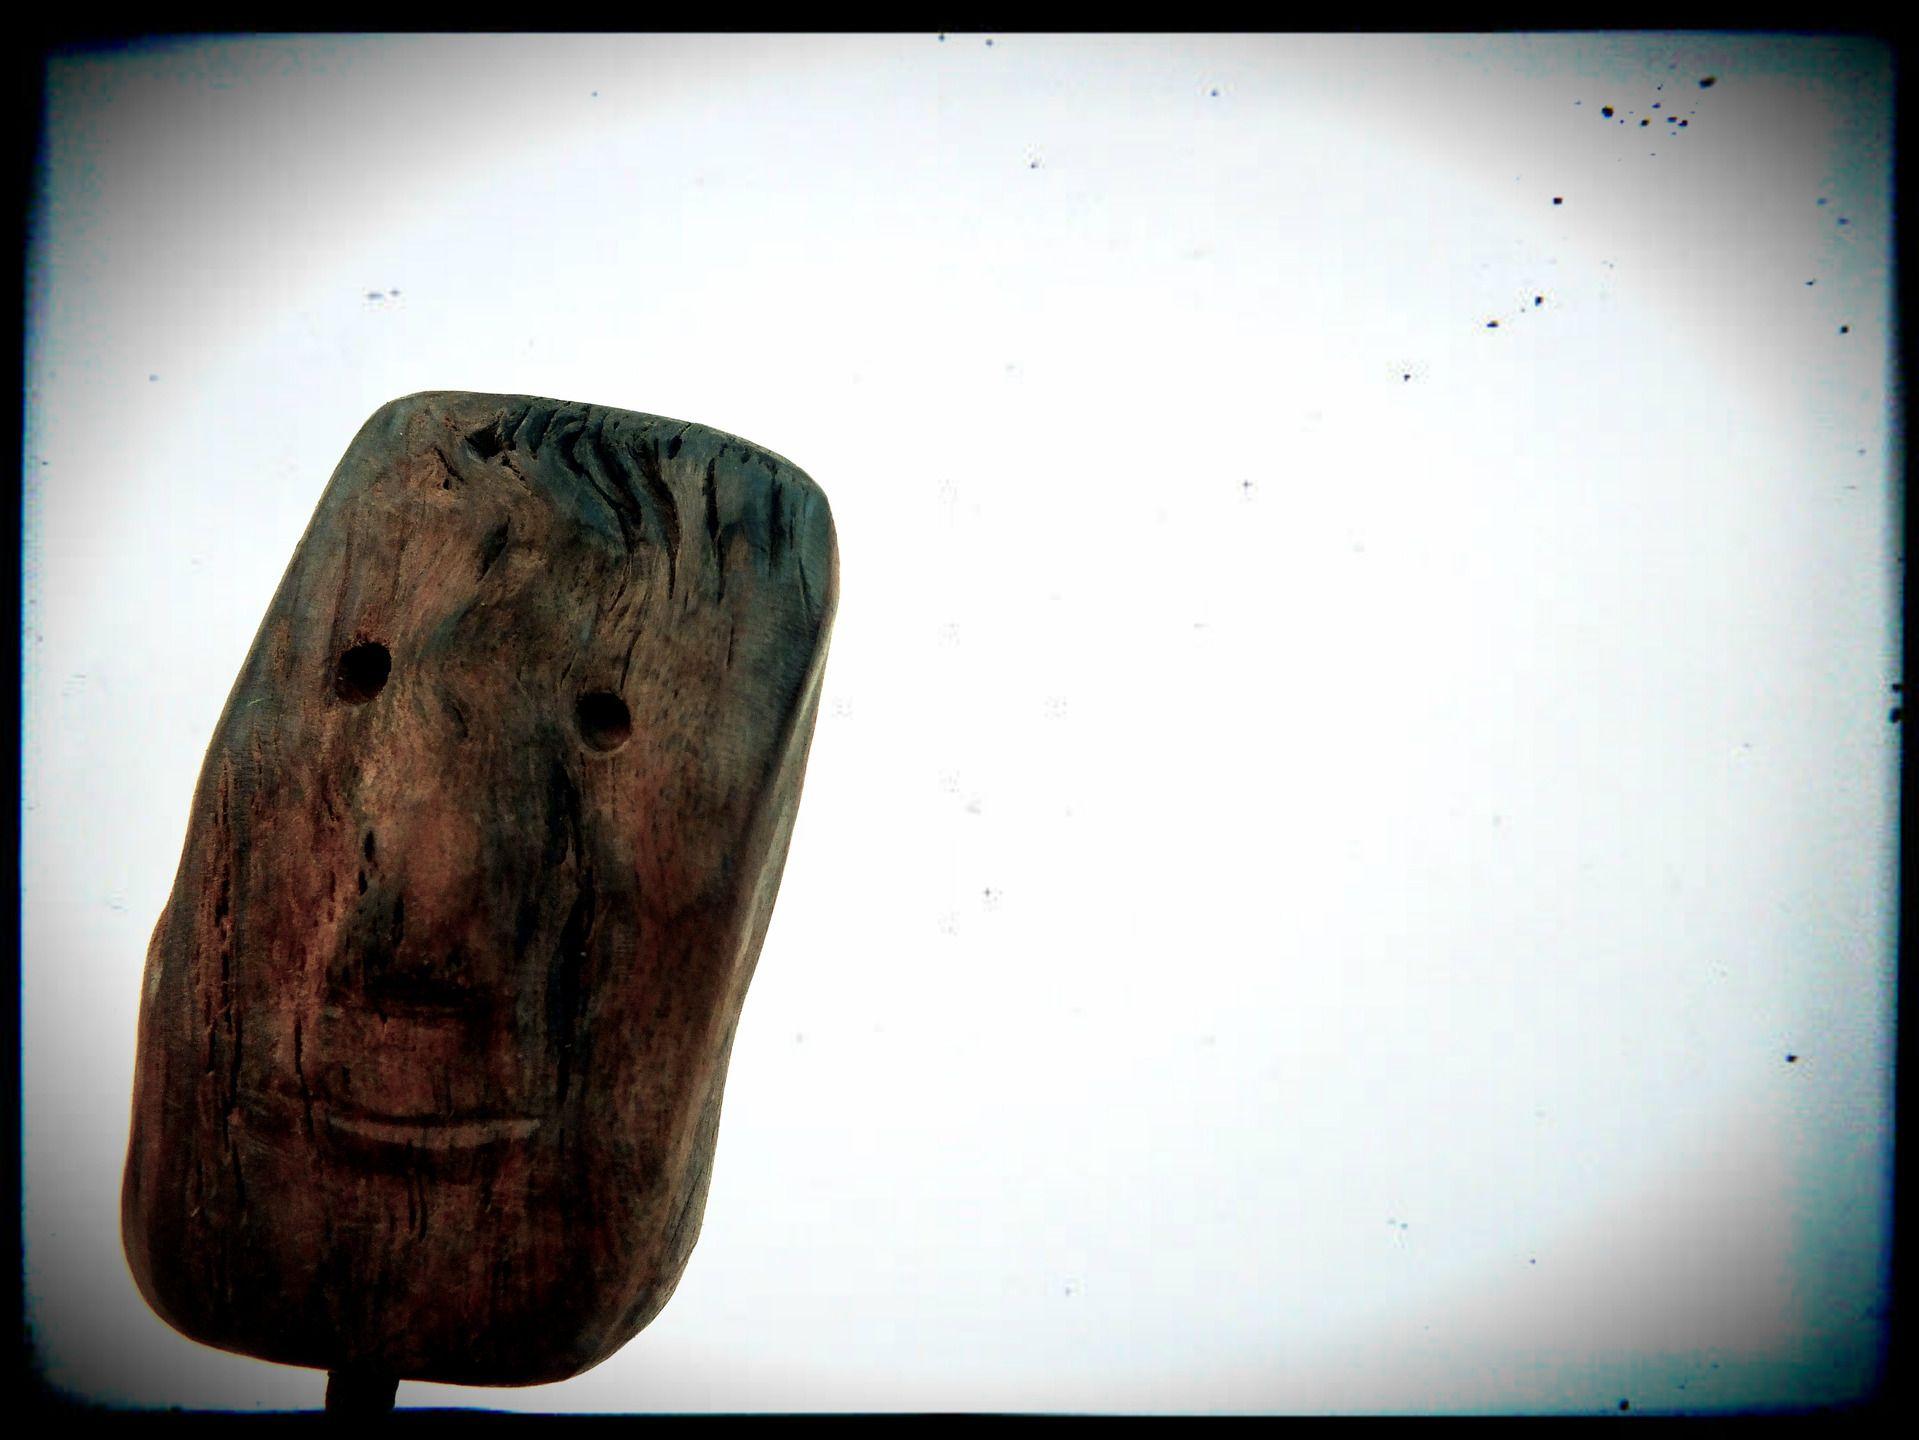 Papa's got a brand new board, statue de surfeur en bois : Sculptures, gravures, statues par mutoz-inc